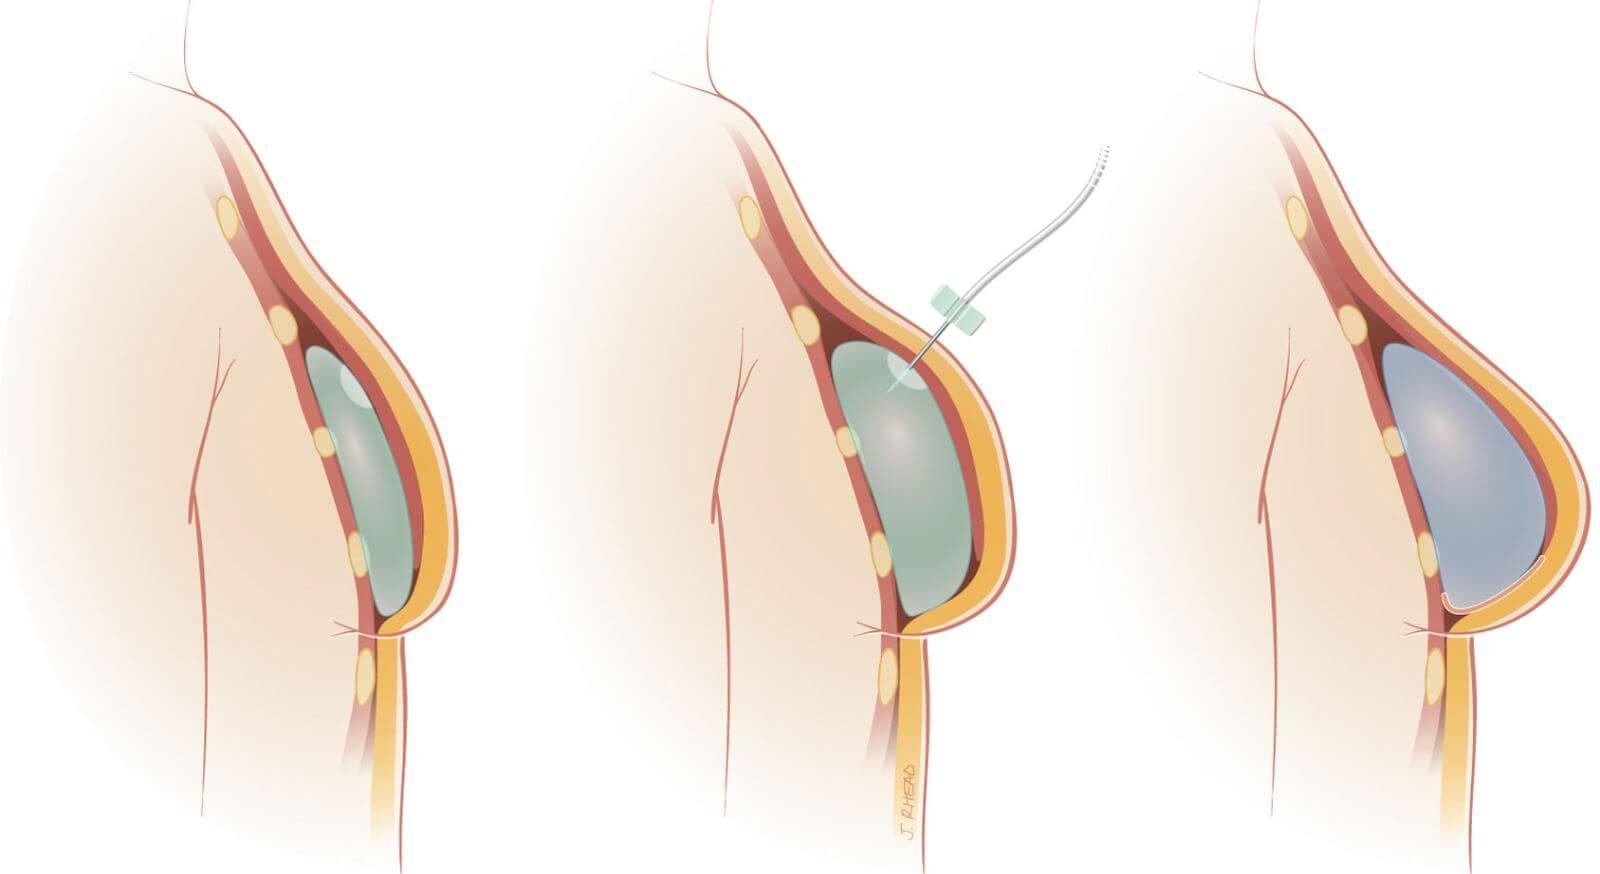 phẫu thuật nâng ngực có đau không